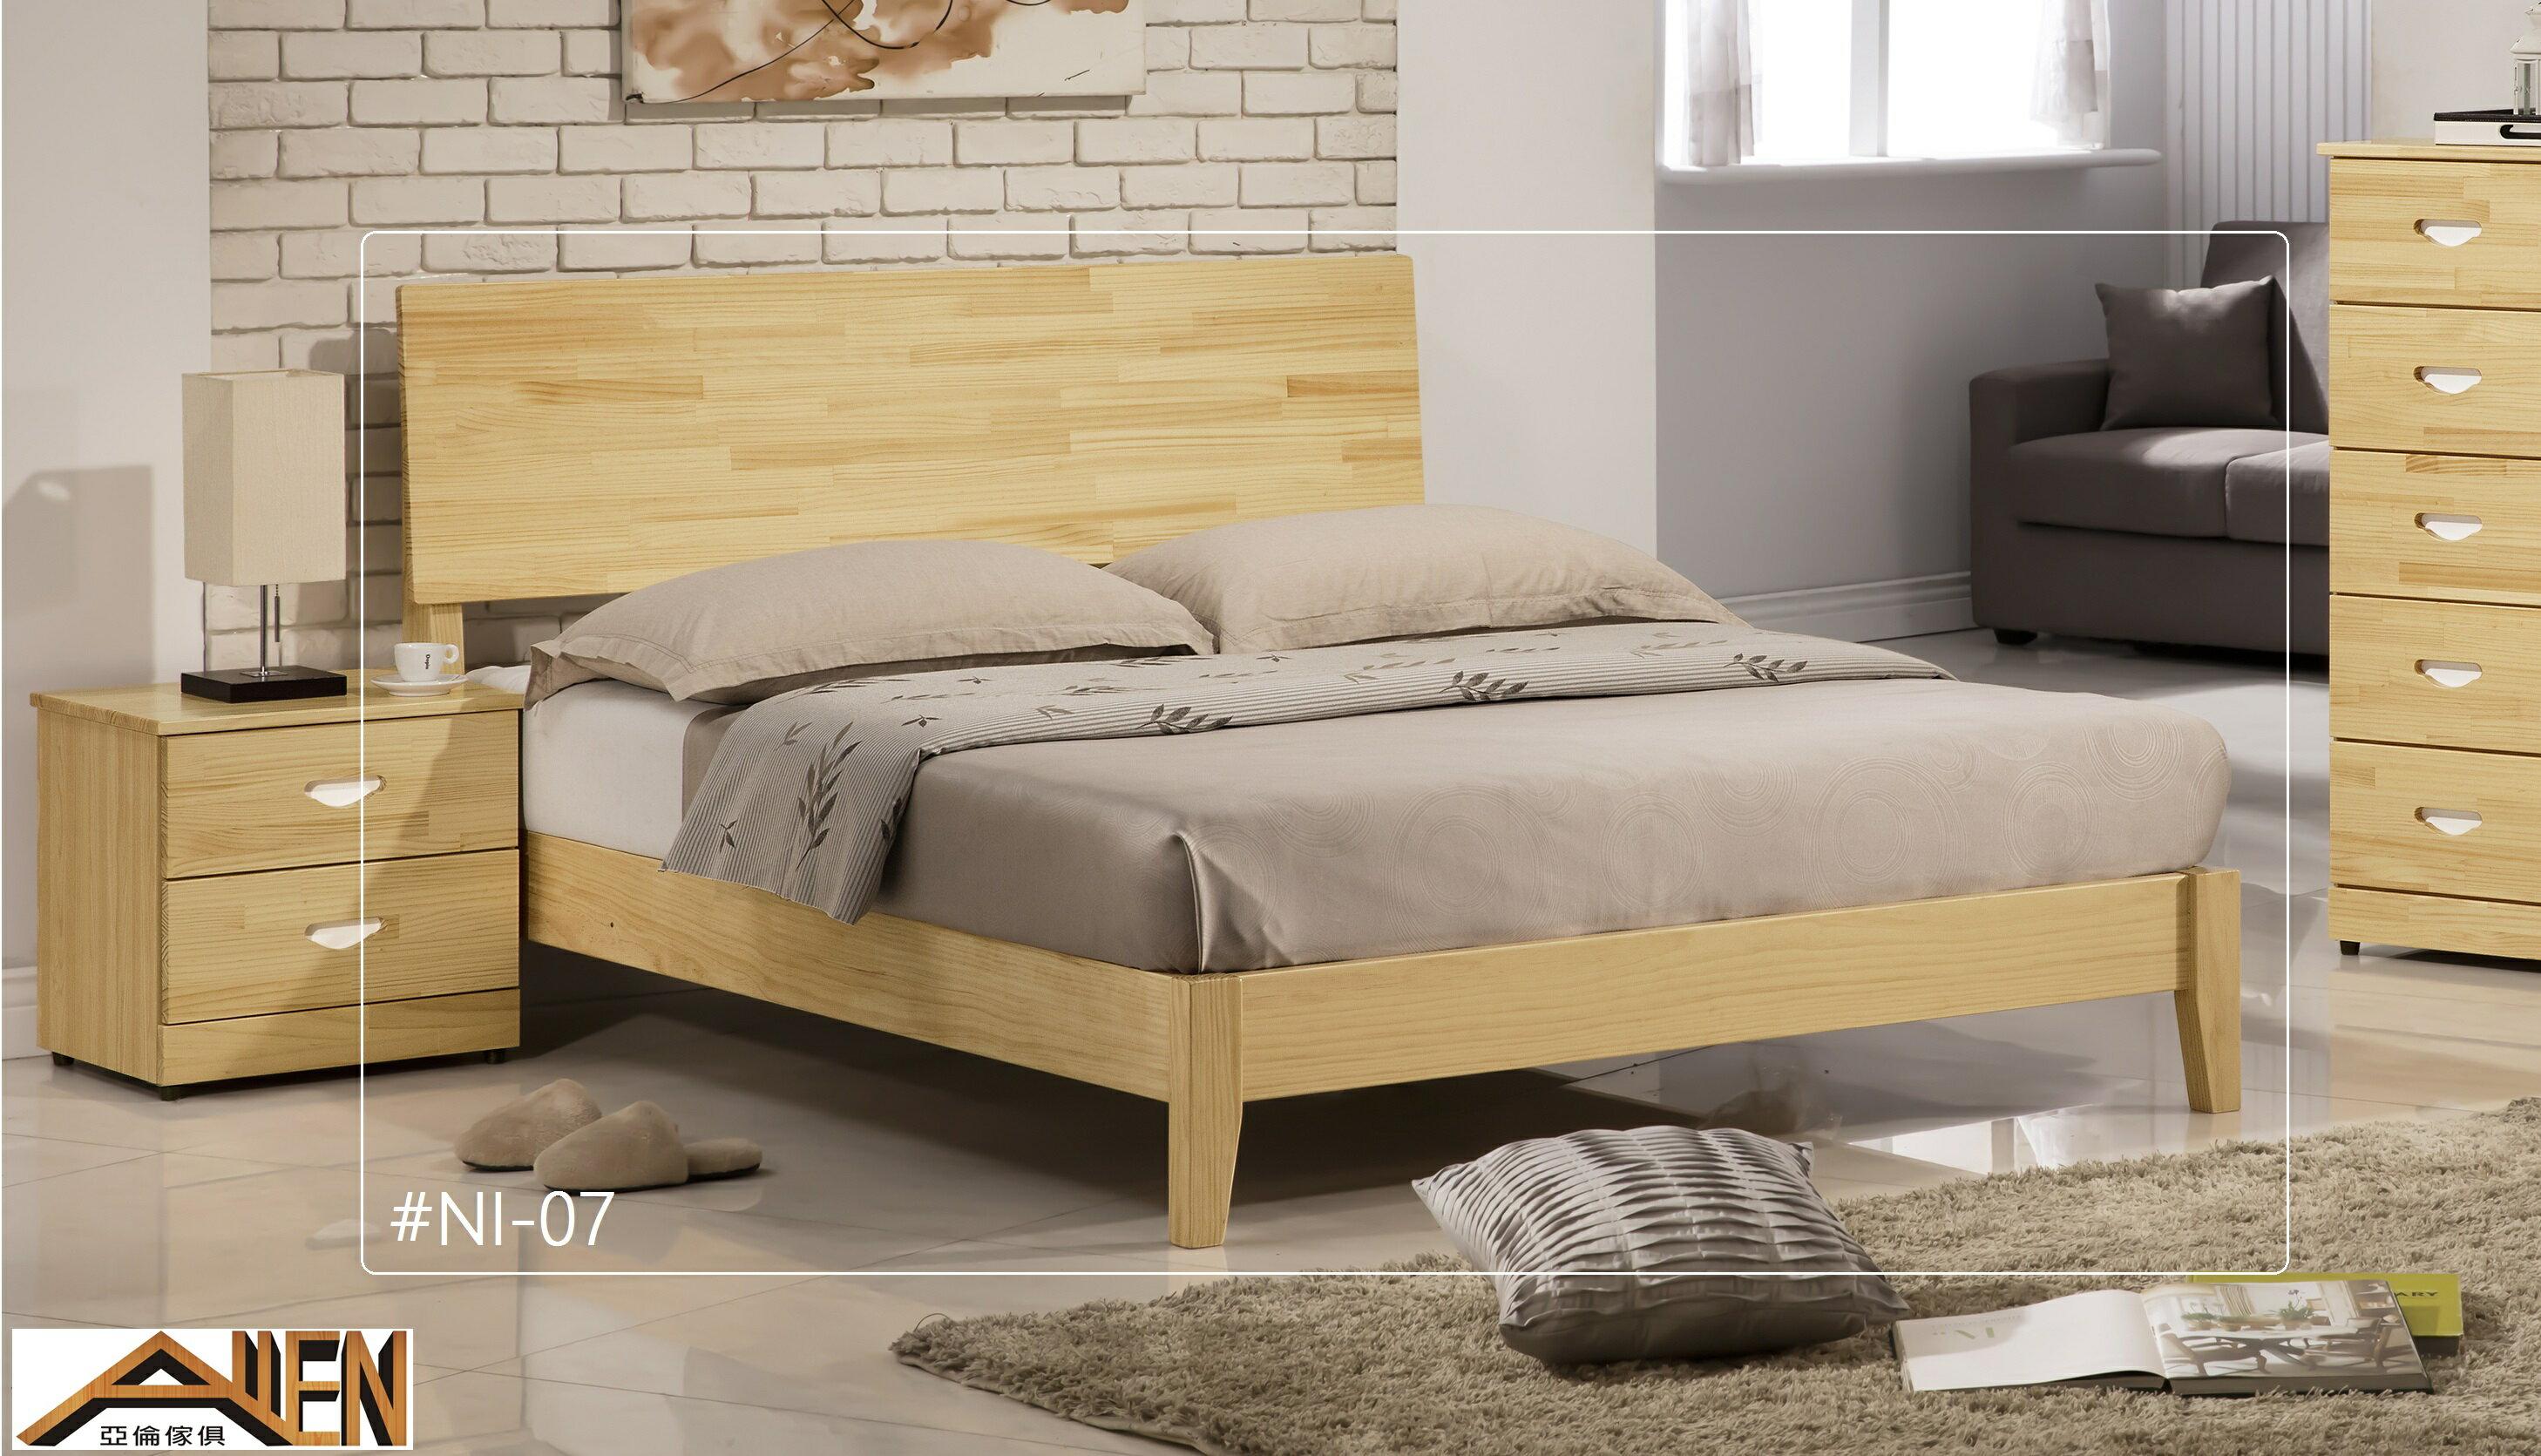 亞倫傢俱*尼可拉紐松實木雙人加大床架